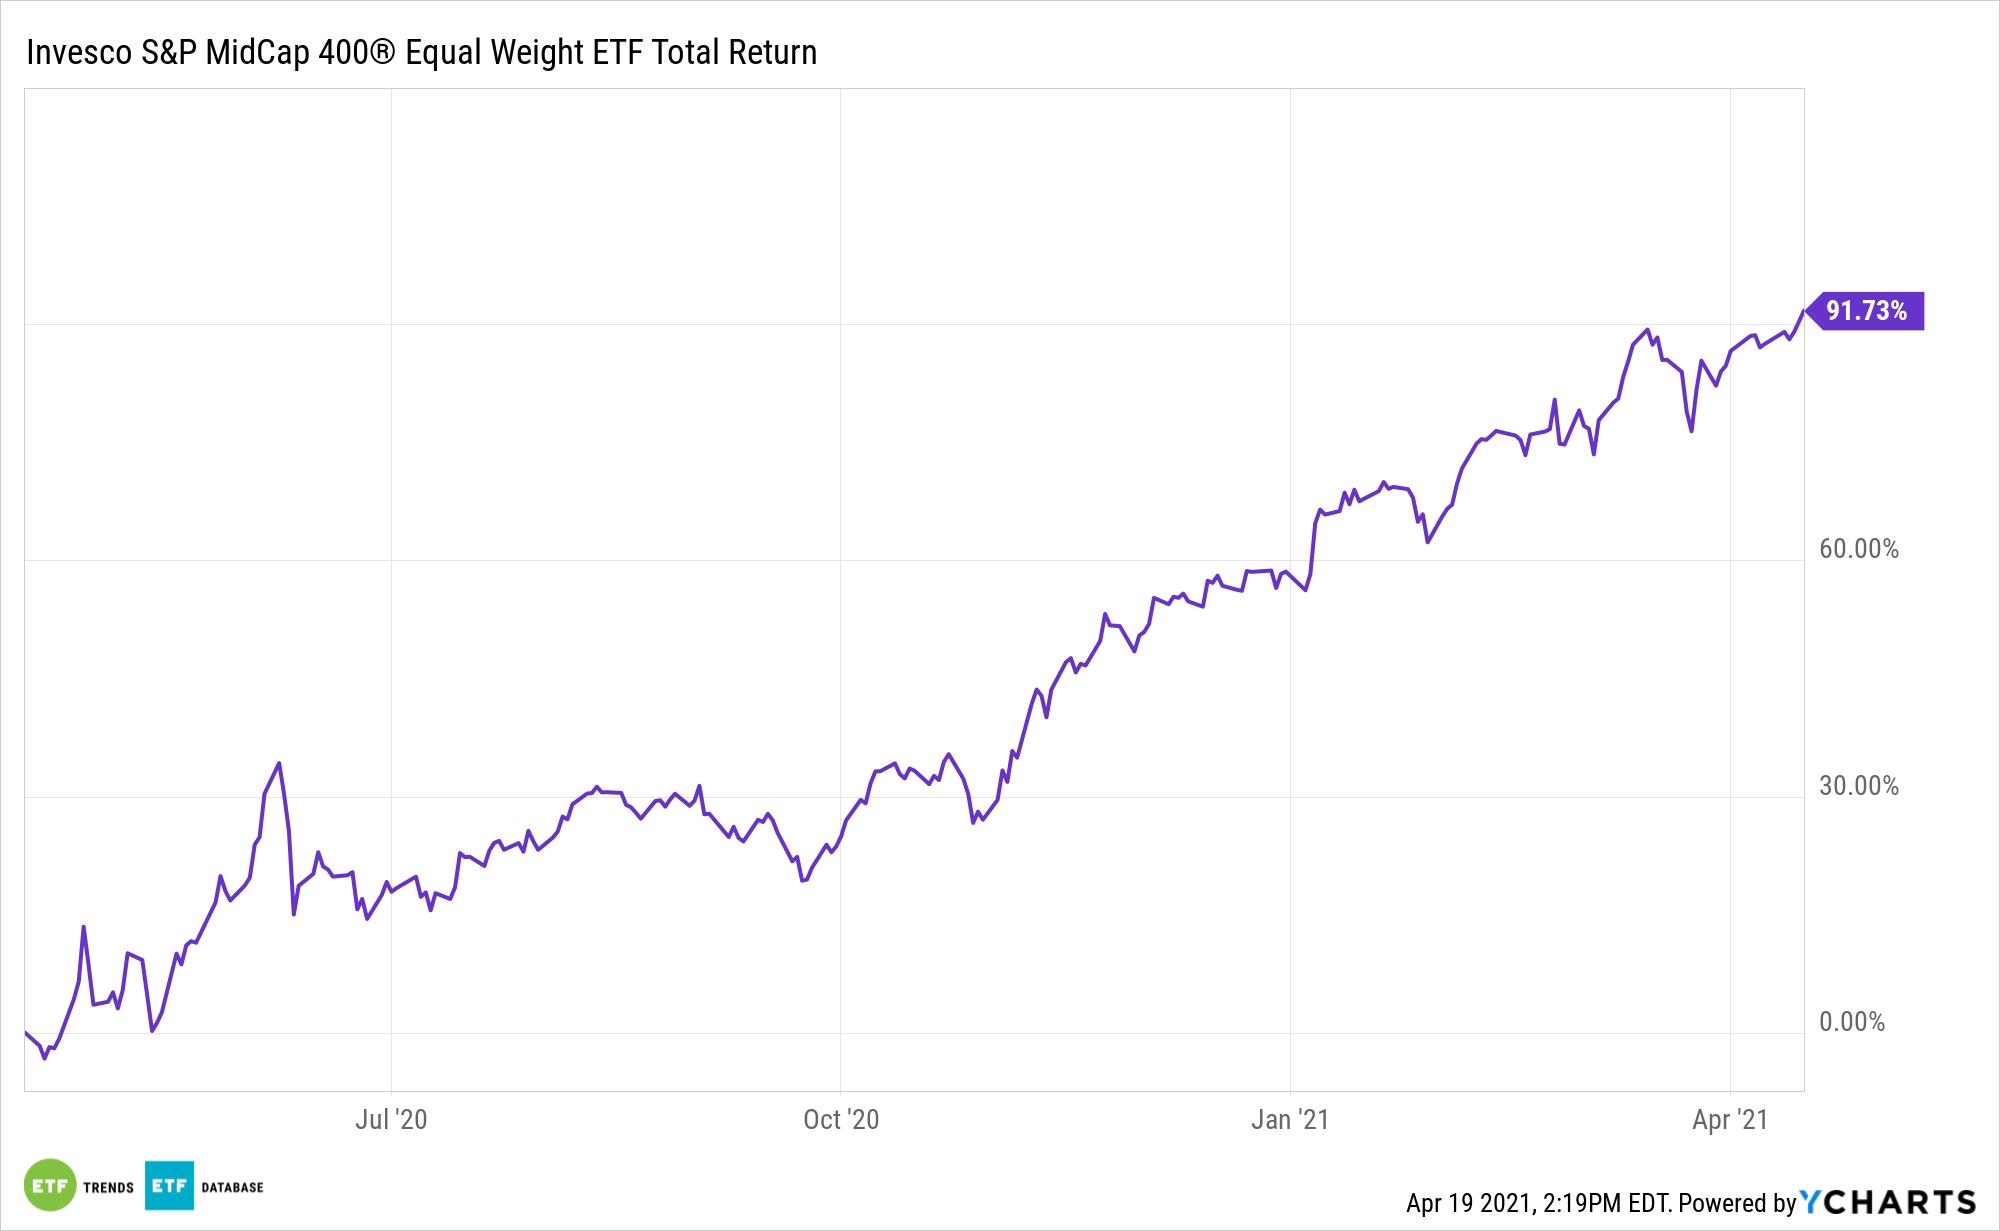 EWMC 1 Year Total Return